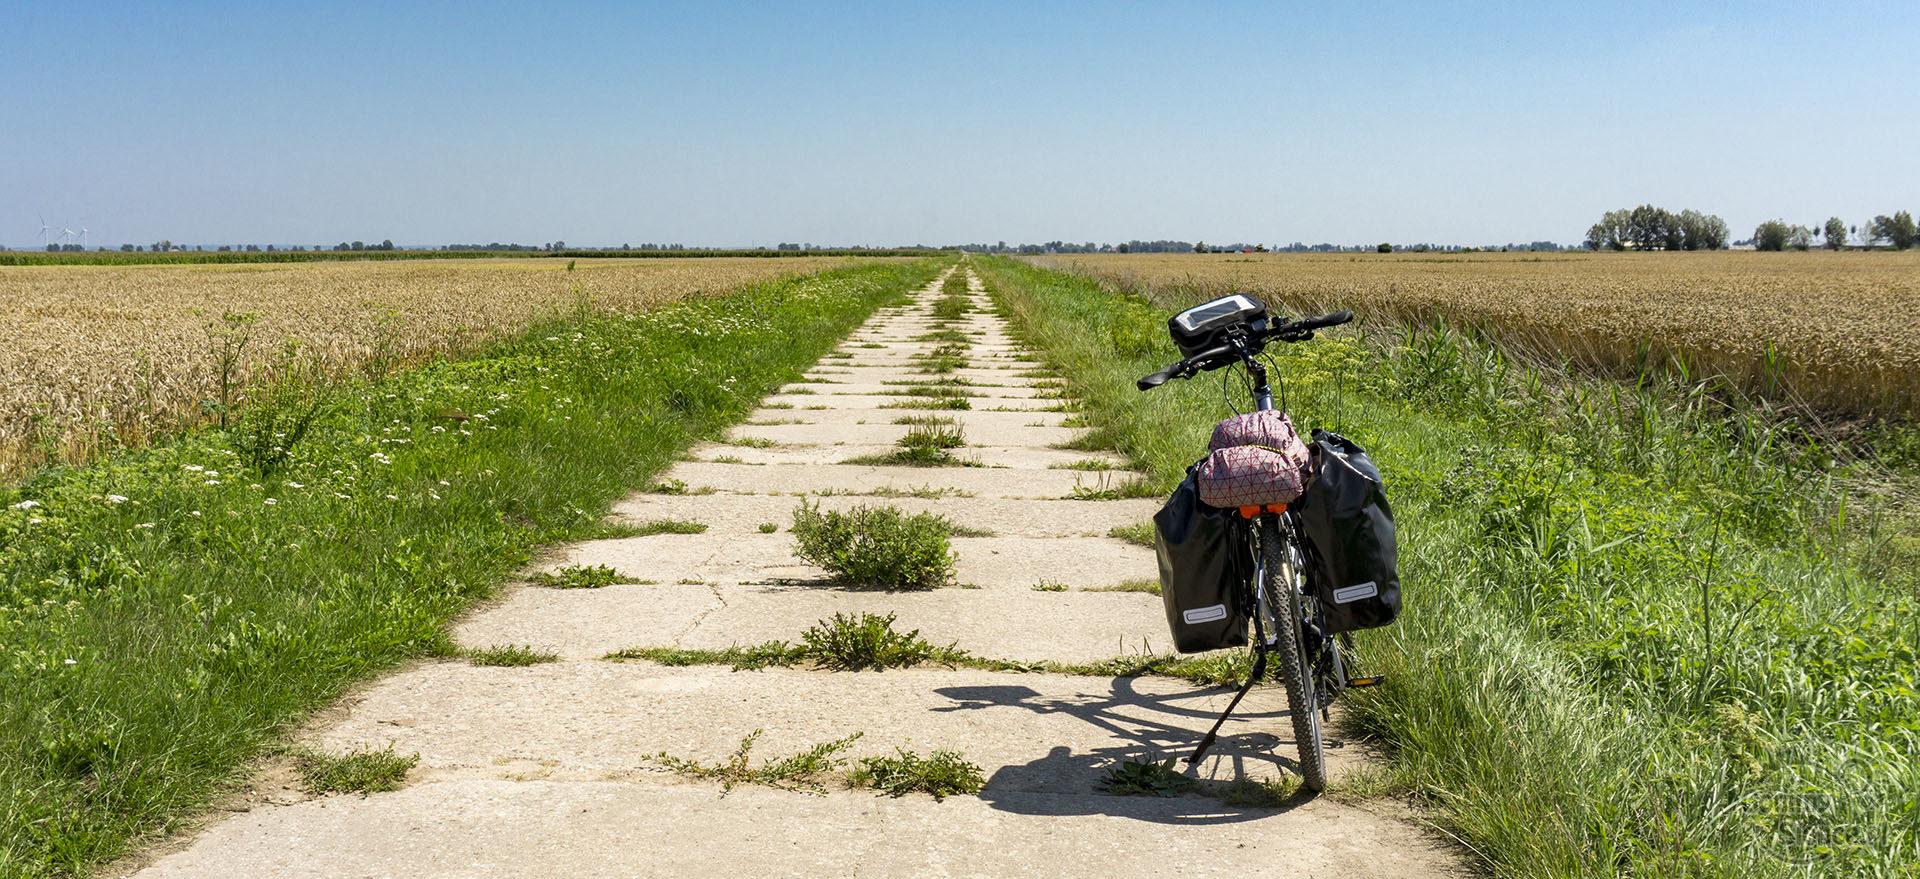 Wyprawy rowerowe z sakwami - kilkudniowe wycieczki rowerowe - poradnik rowerowy